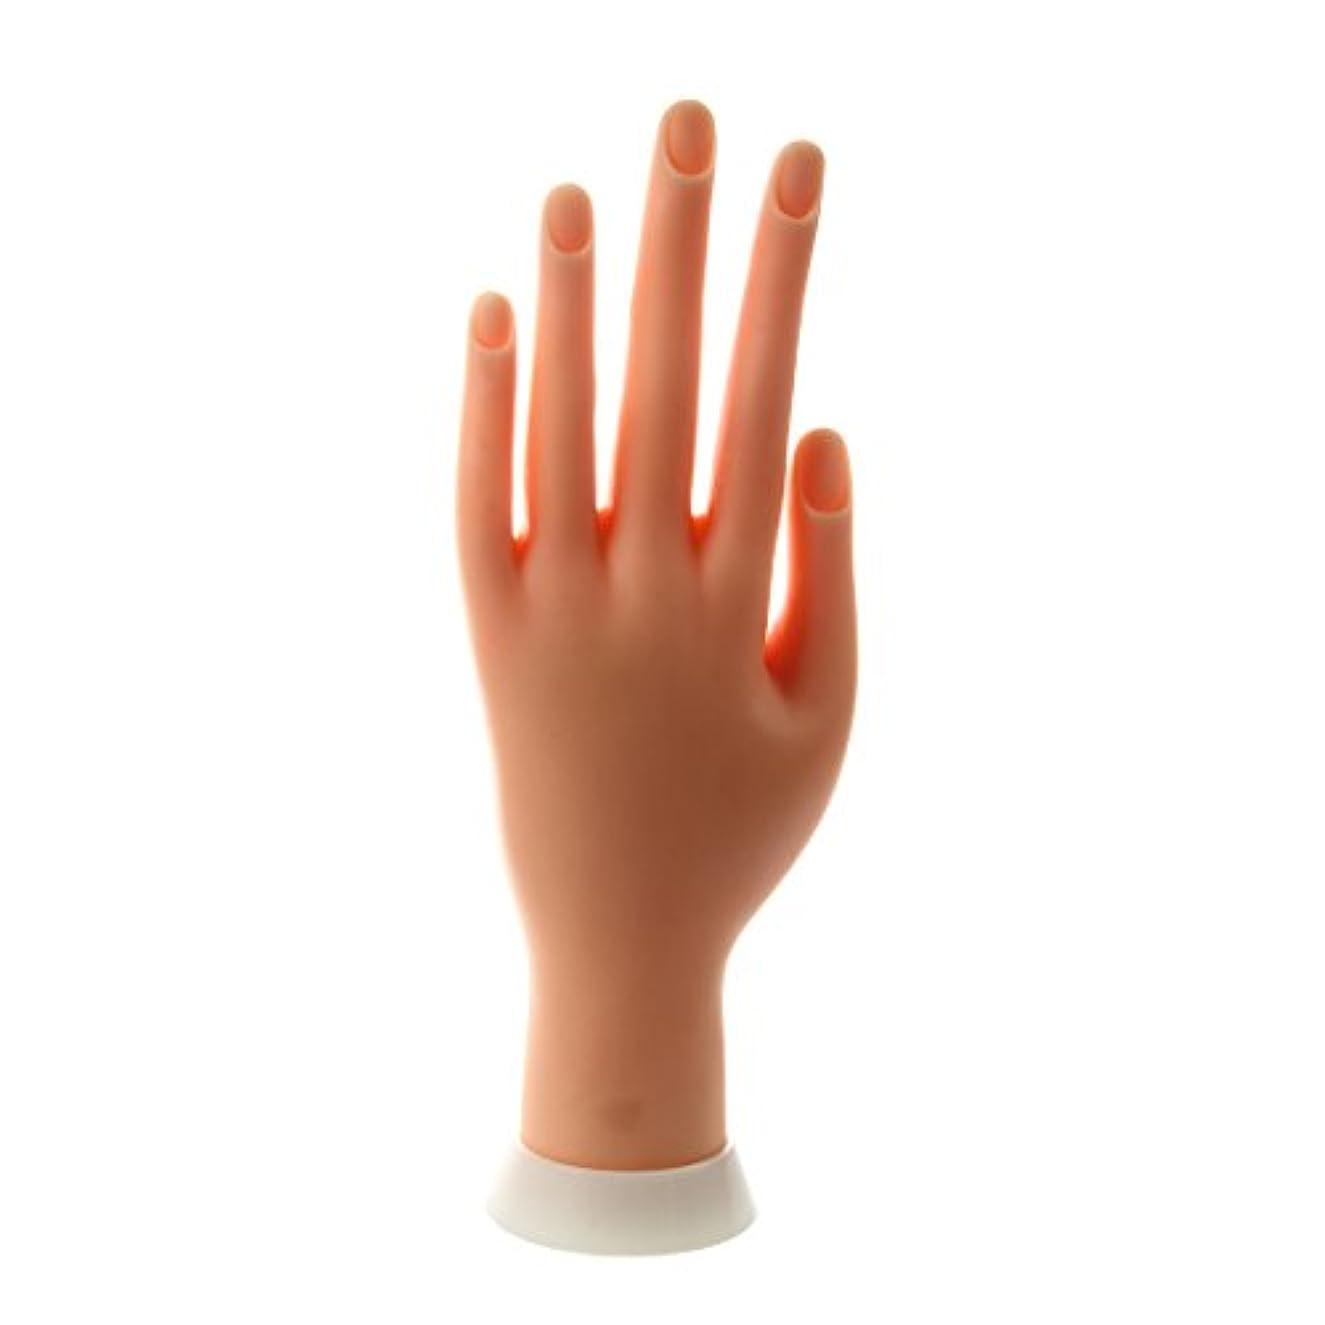 悪党アメリカタイプライターSODIAL(R) ネイルアートの練習のためのモデル左手